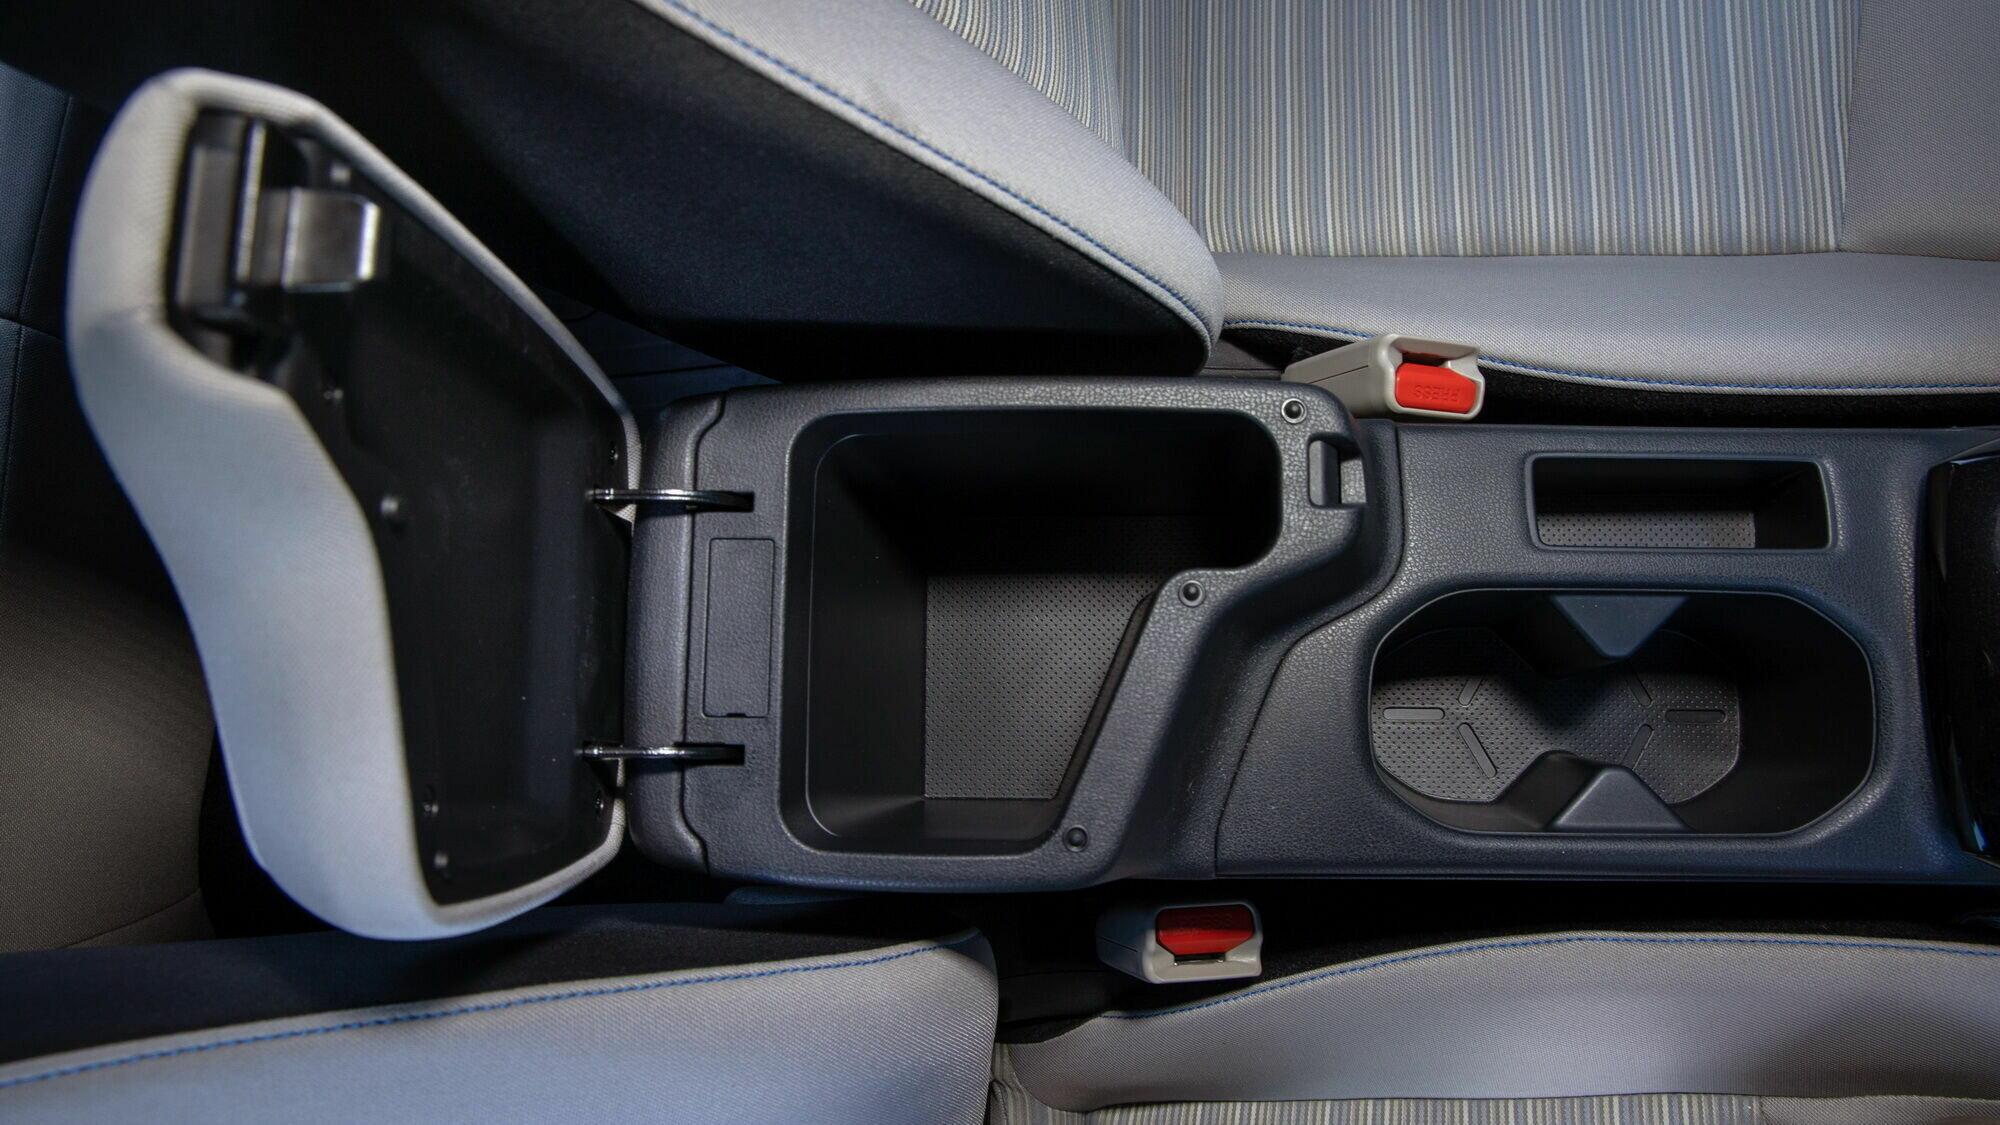 В машине достаточно различных отделений для мелочей, включая вместительный перчаточный ящик и отделение в переднем подлокотнике